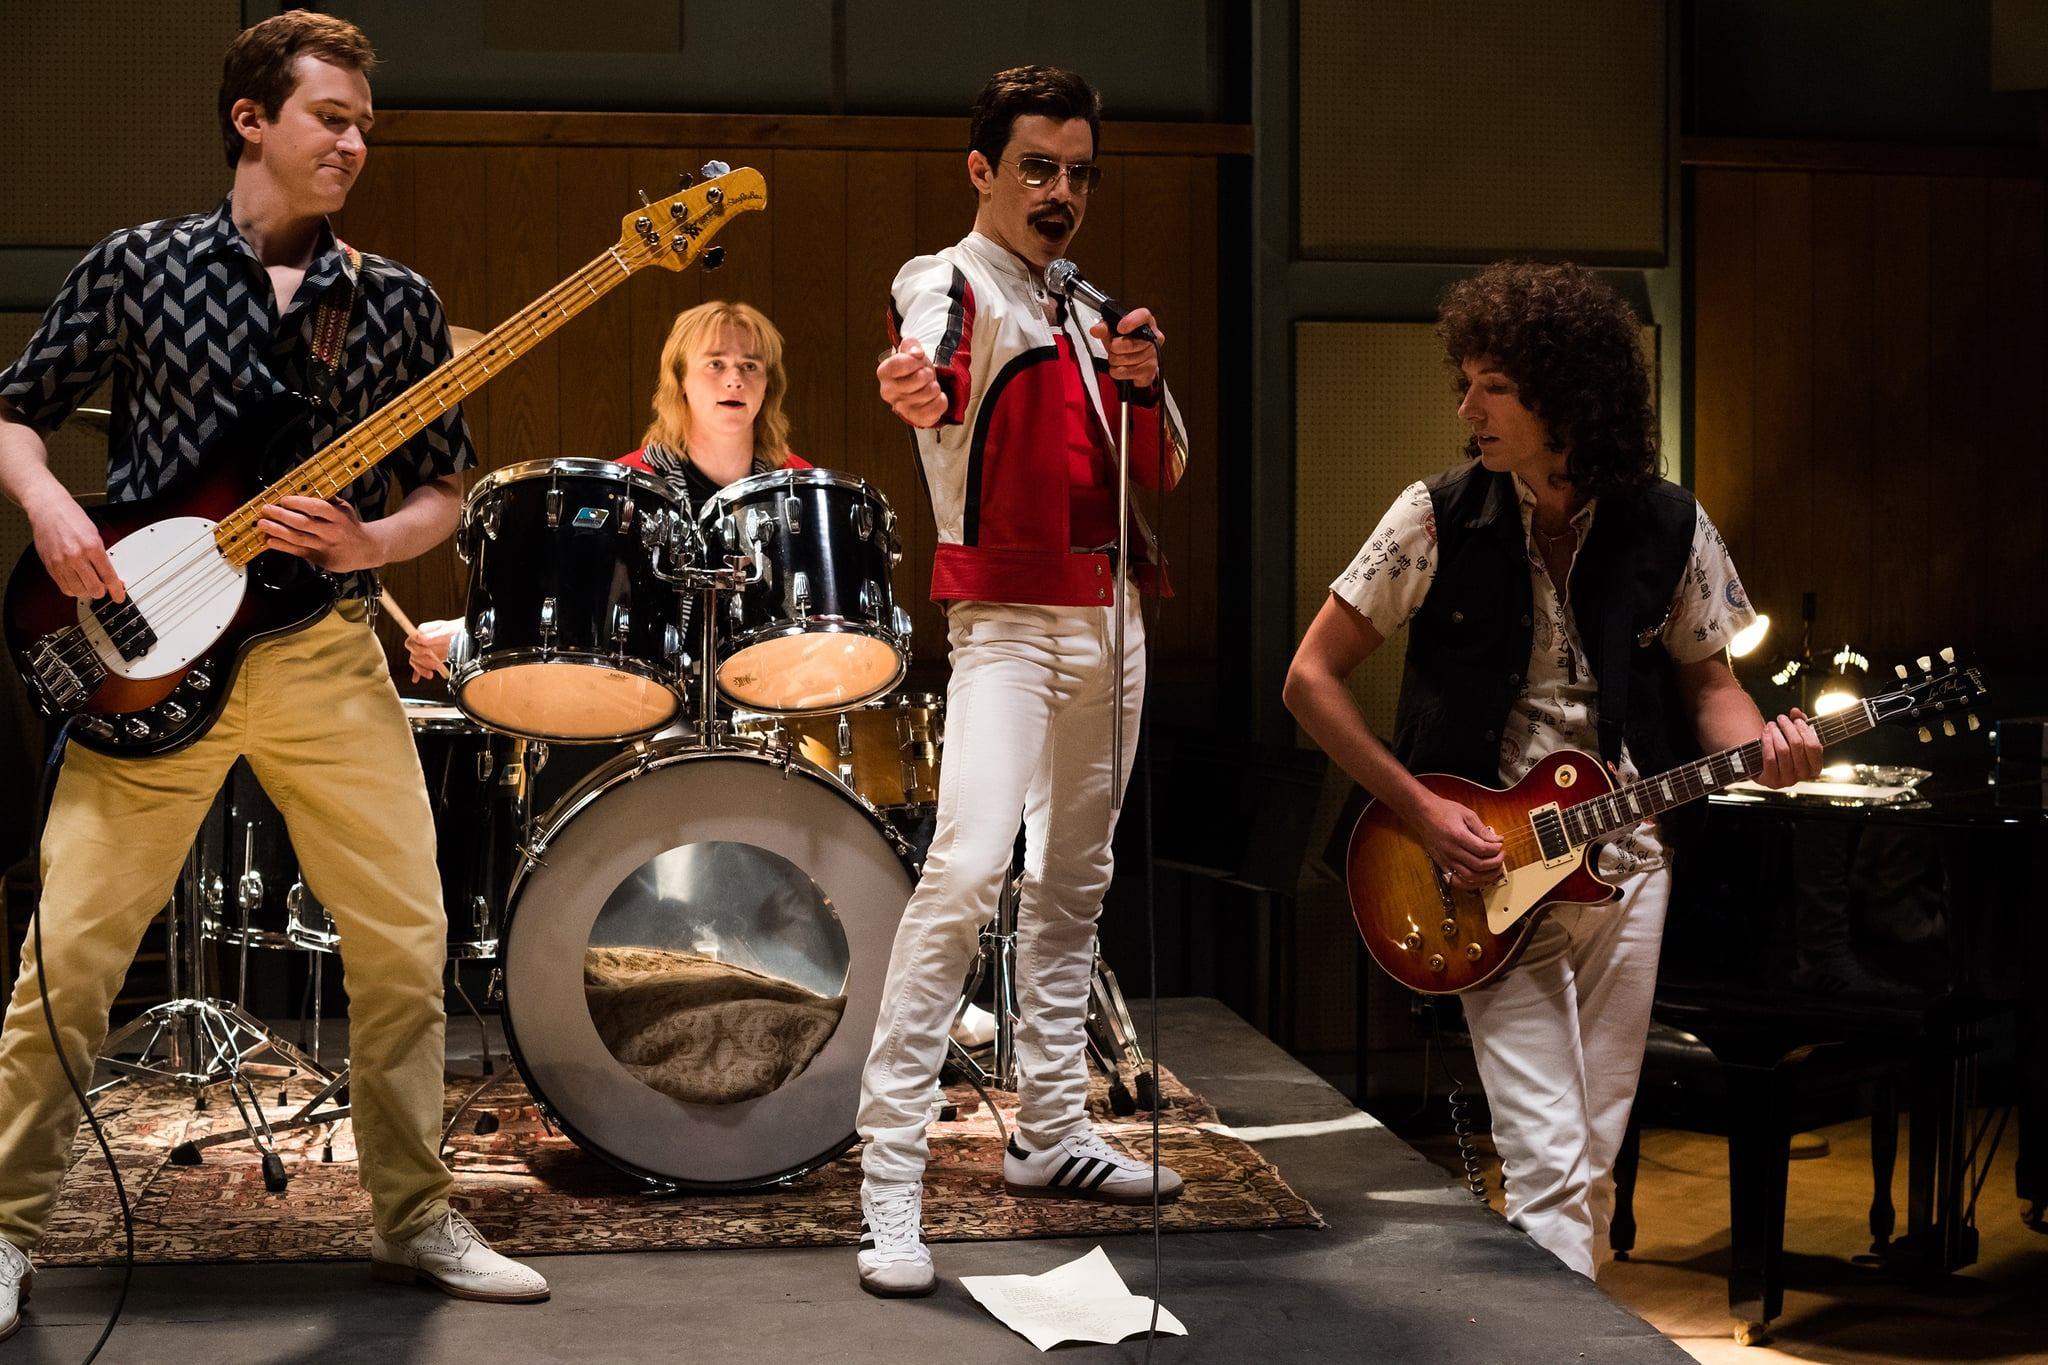 Bohemian Rhapsody: A excentricidade de um gênio